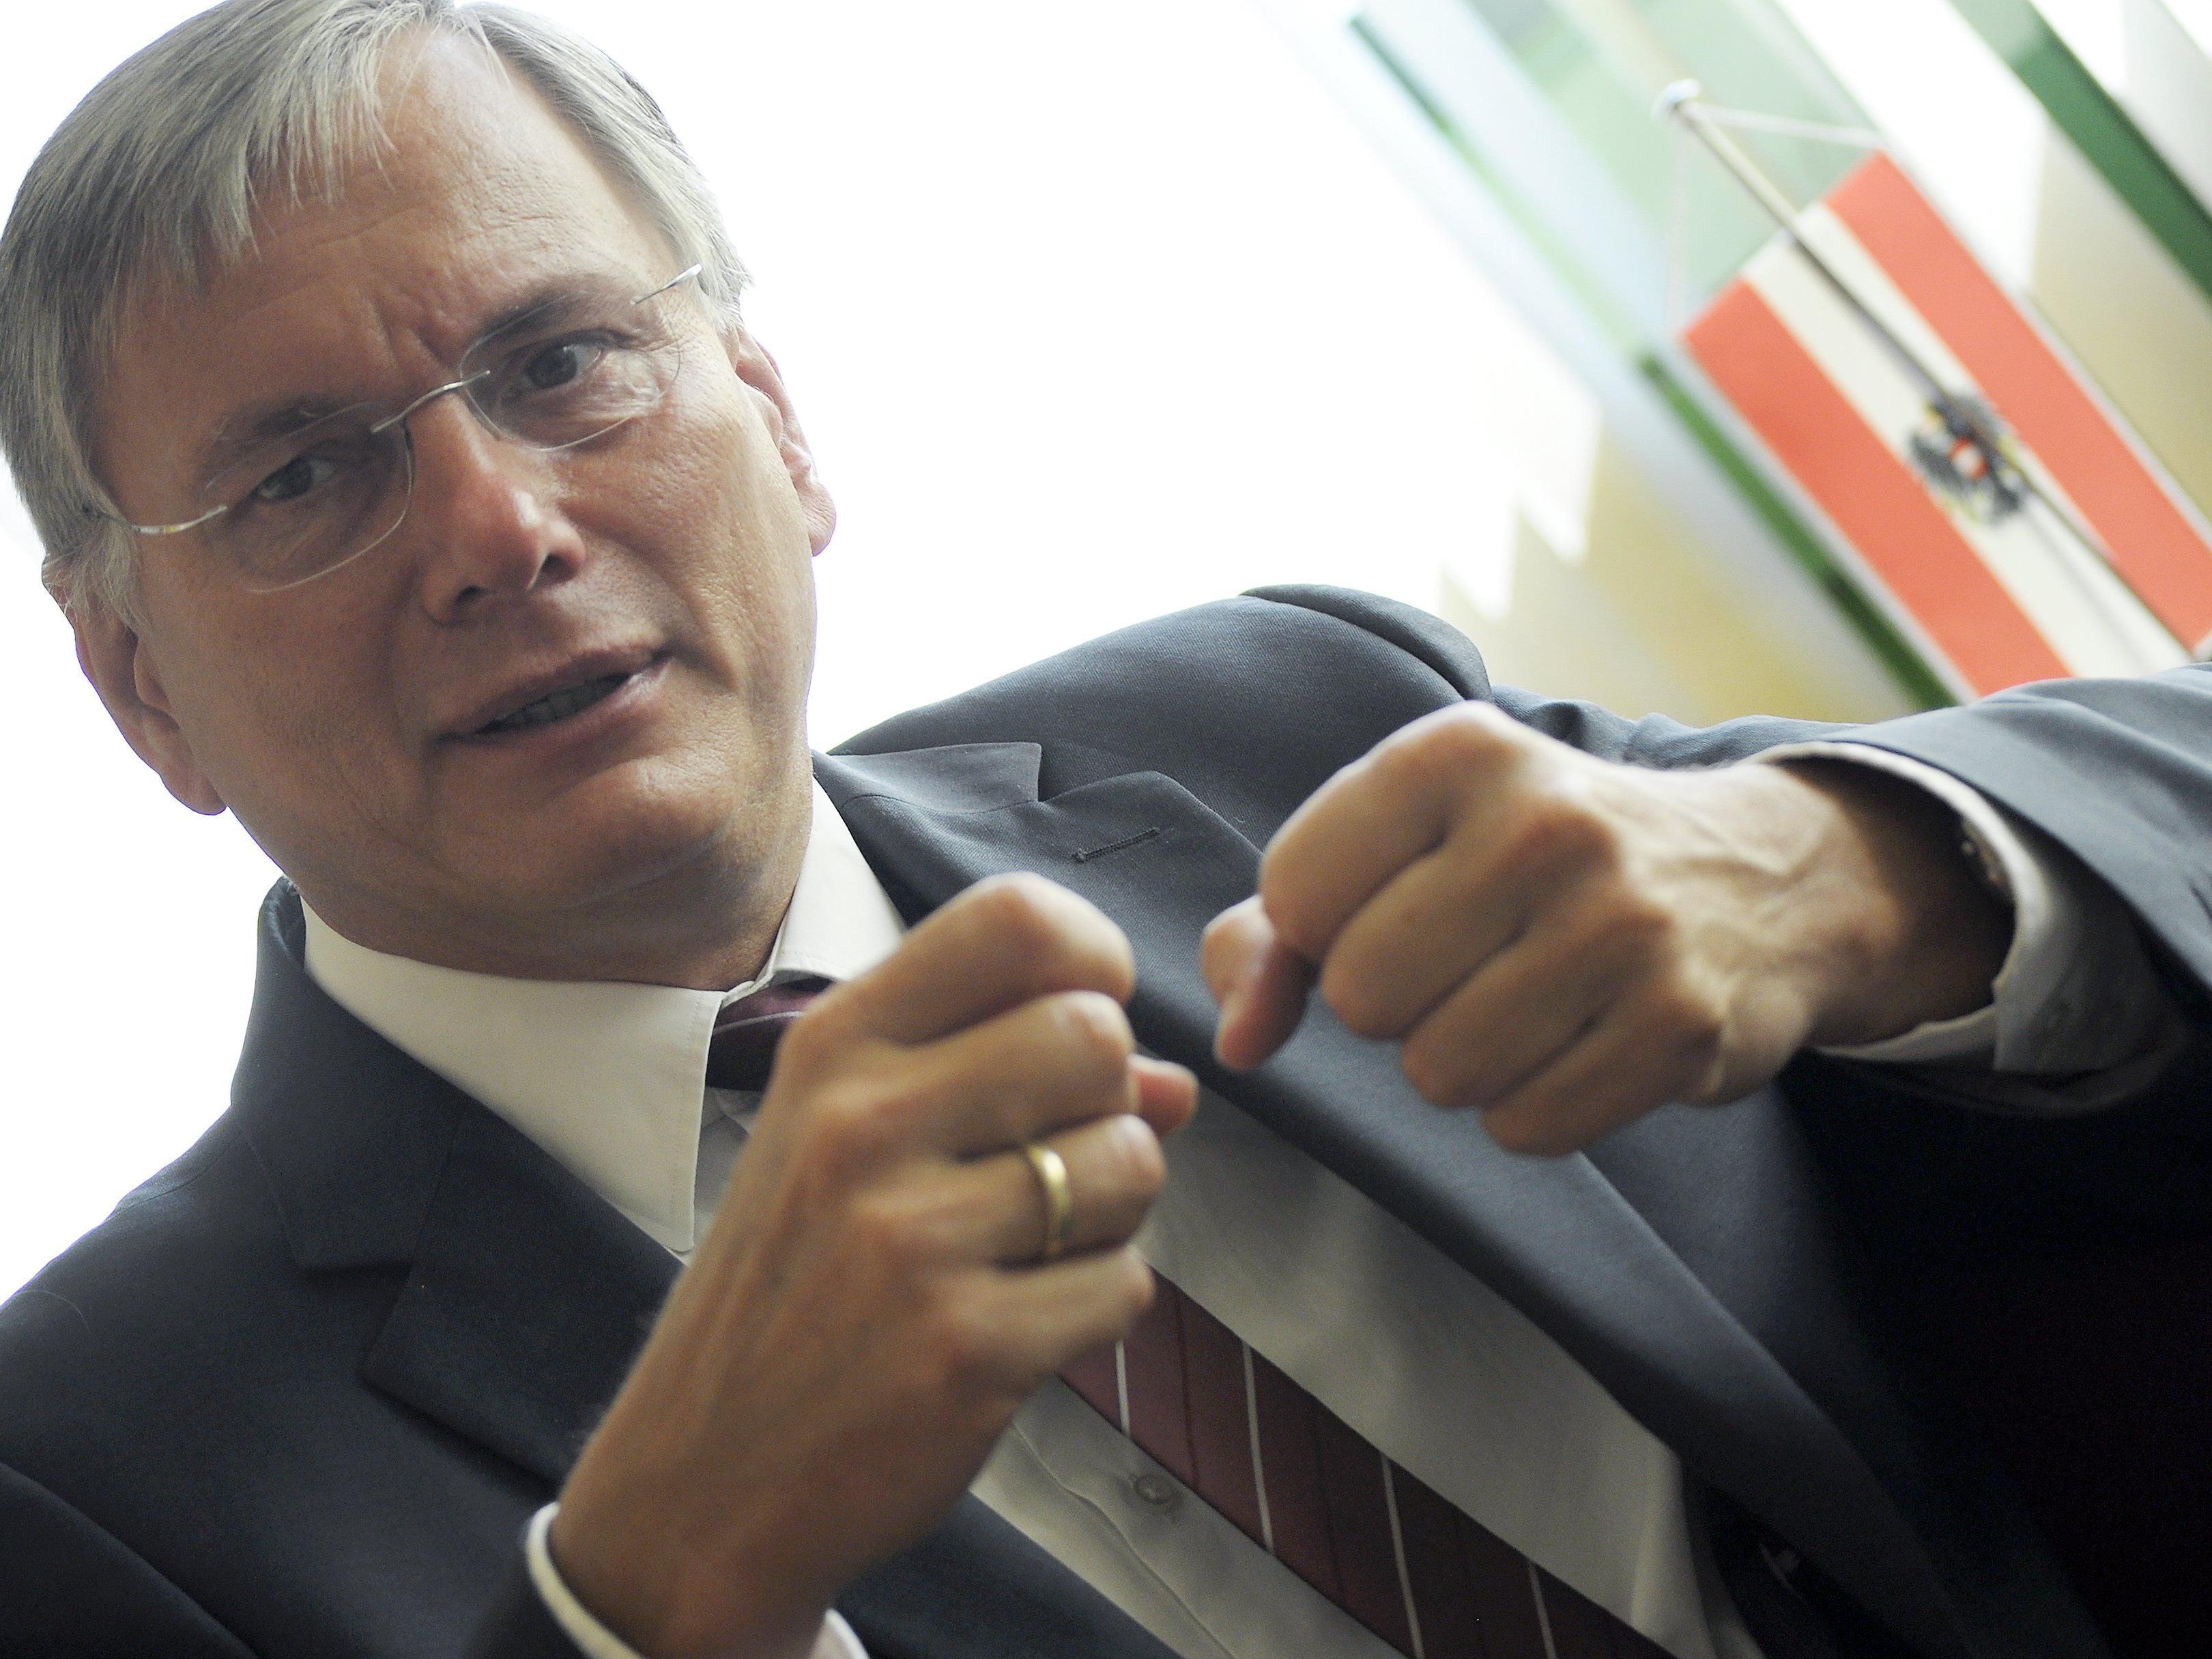 Gesundheitsminister Alois Stöger (SPÖ) drängt auf rauchfreie Lokale